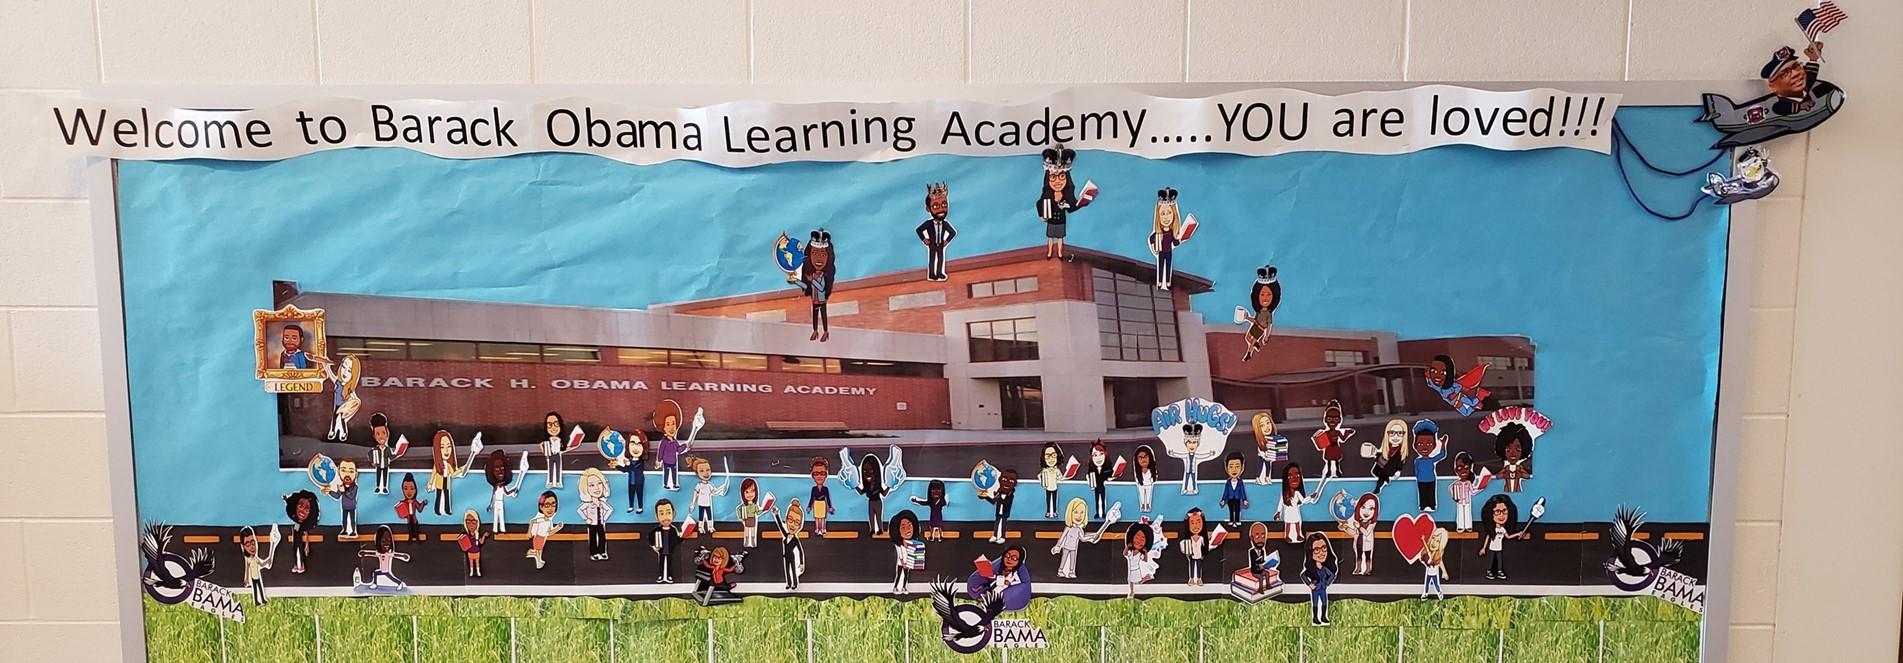 Barack Obama Learning Academy